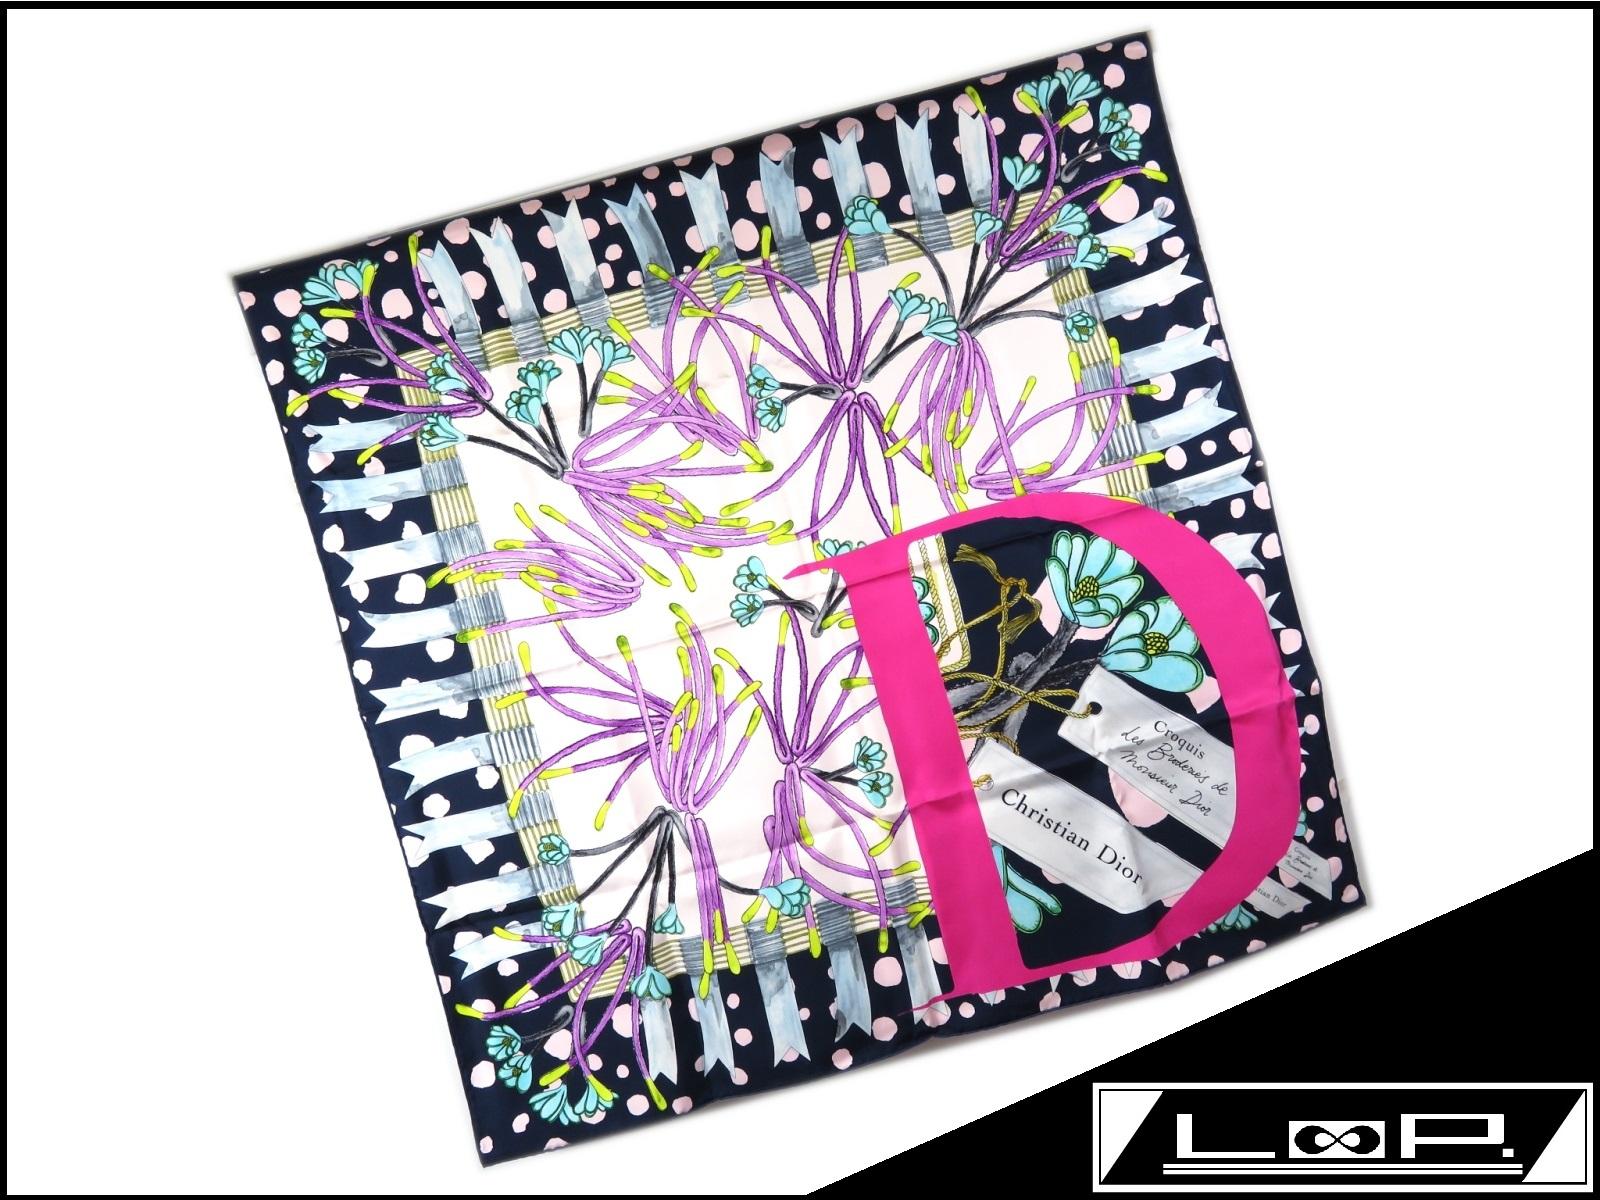 【新同】 Christian Dior クリスチャン ディオール ロゴ D カレ スカーフ シルク フラワー 花 ネイビー ピンク 【A23708】 【中古】